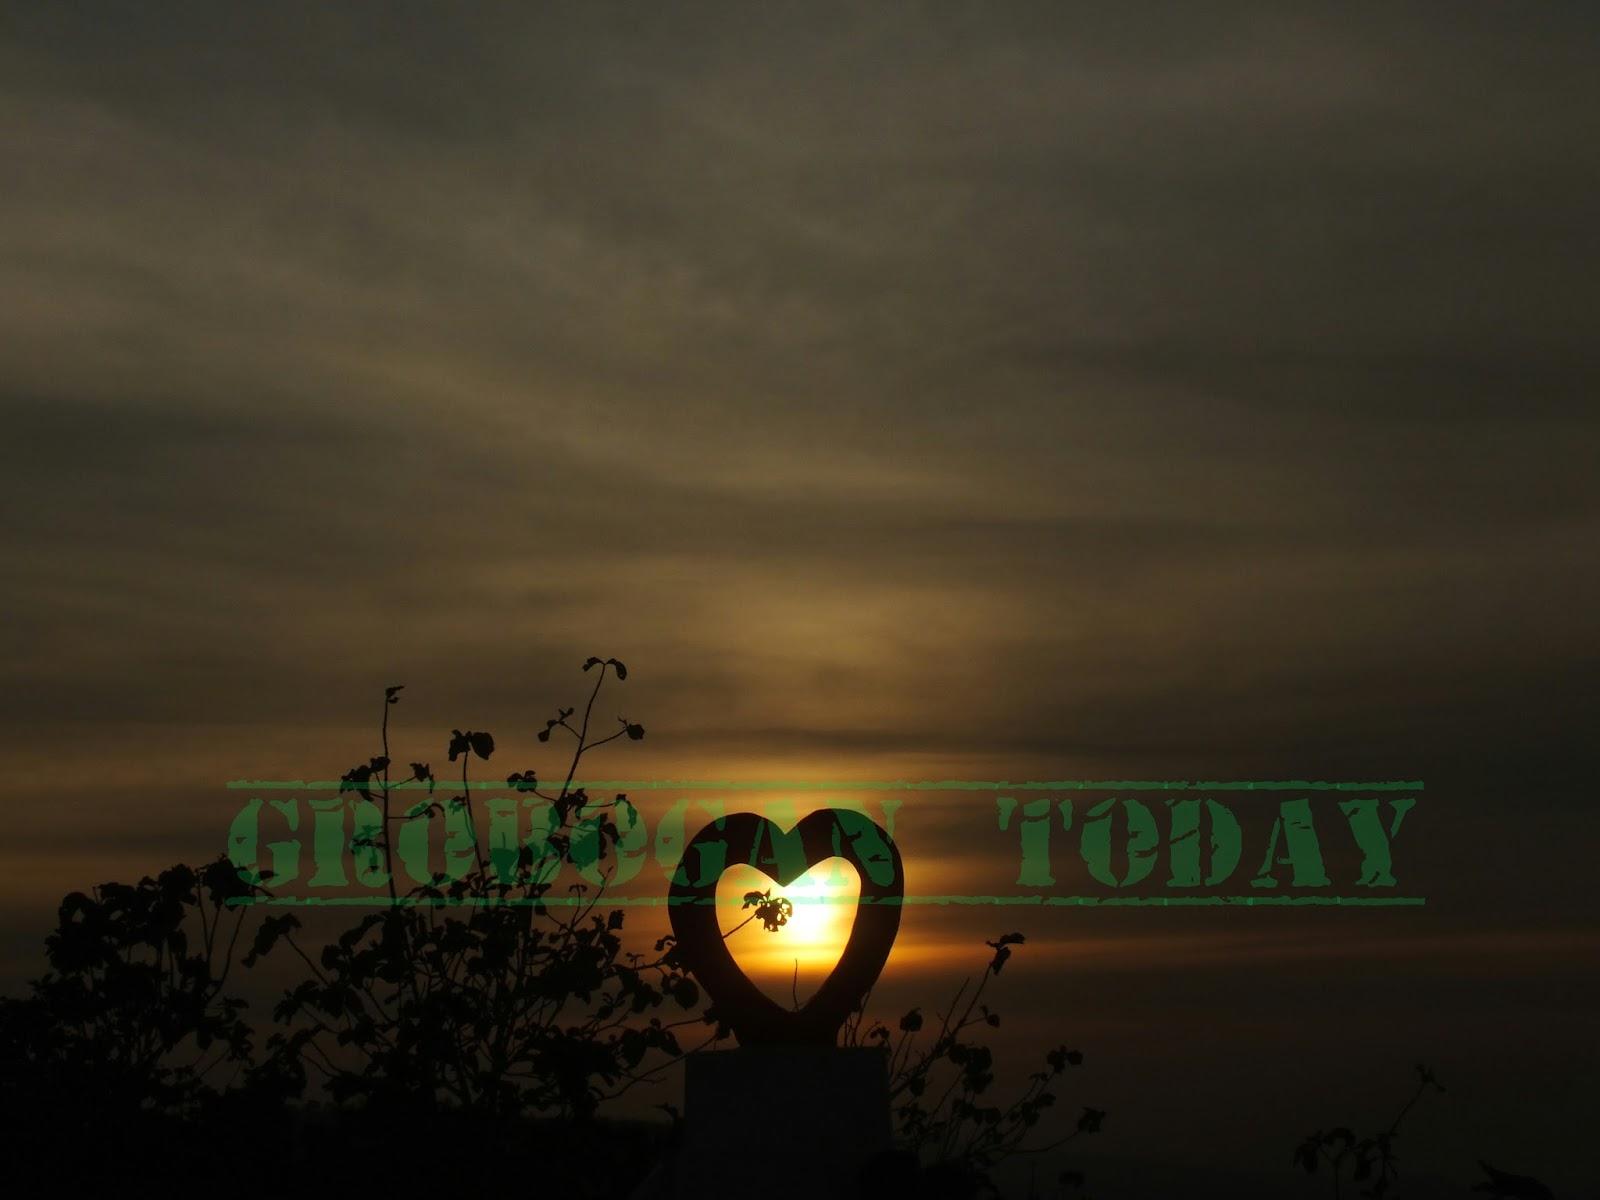 Bukit Cinta Jatipohon Semakin Mempesona Grobogan Today Gembok Tersebut Bisa